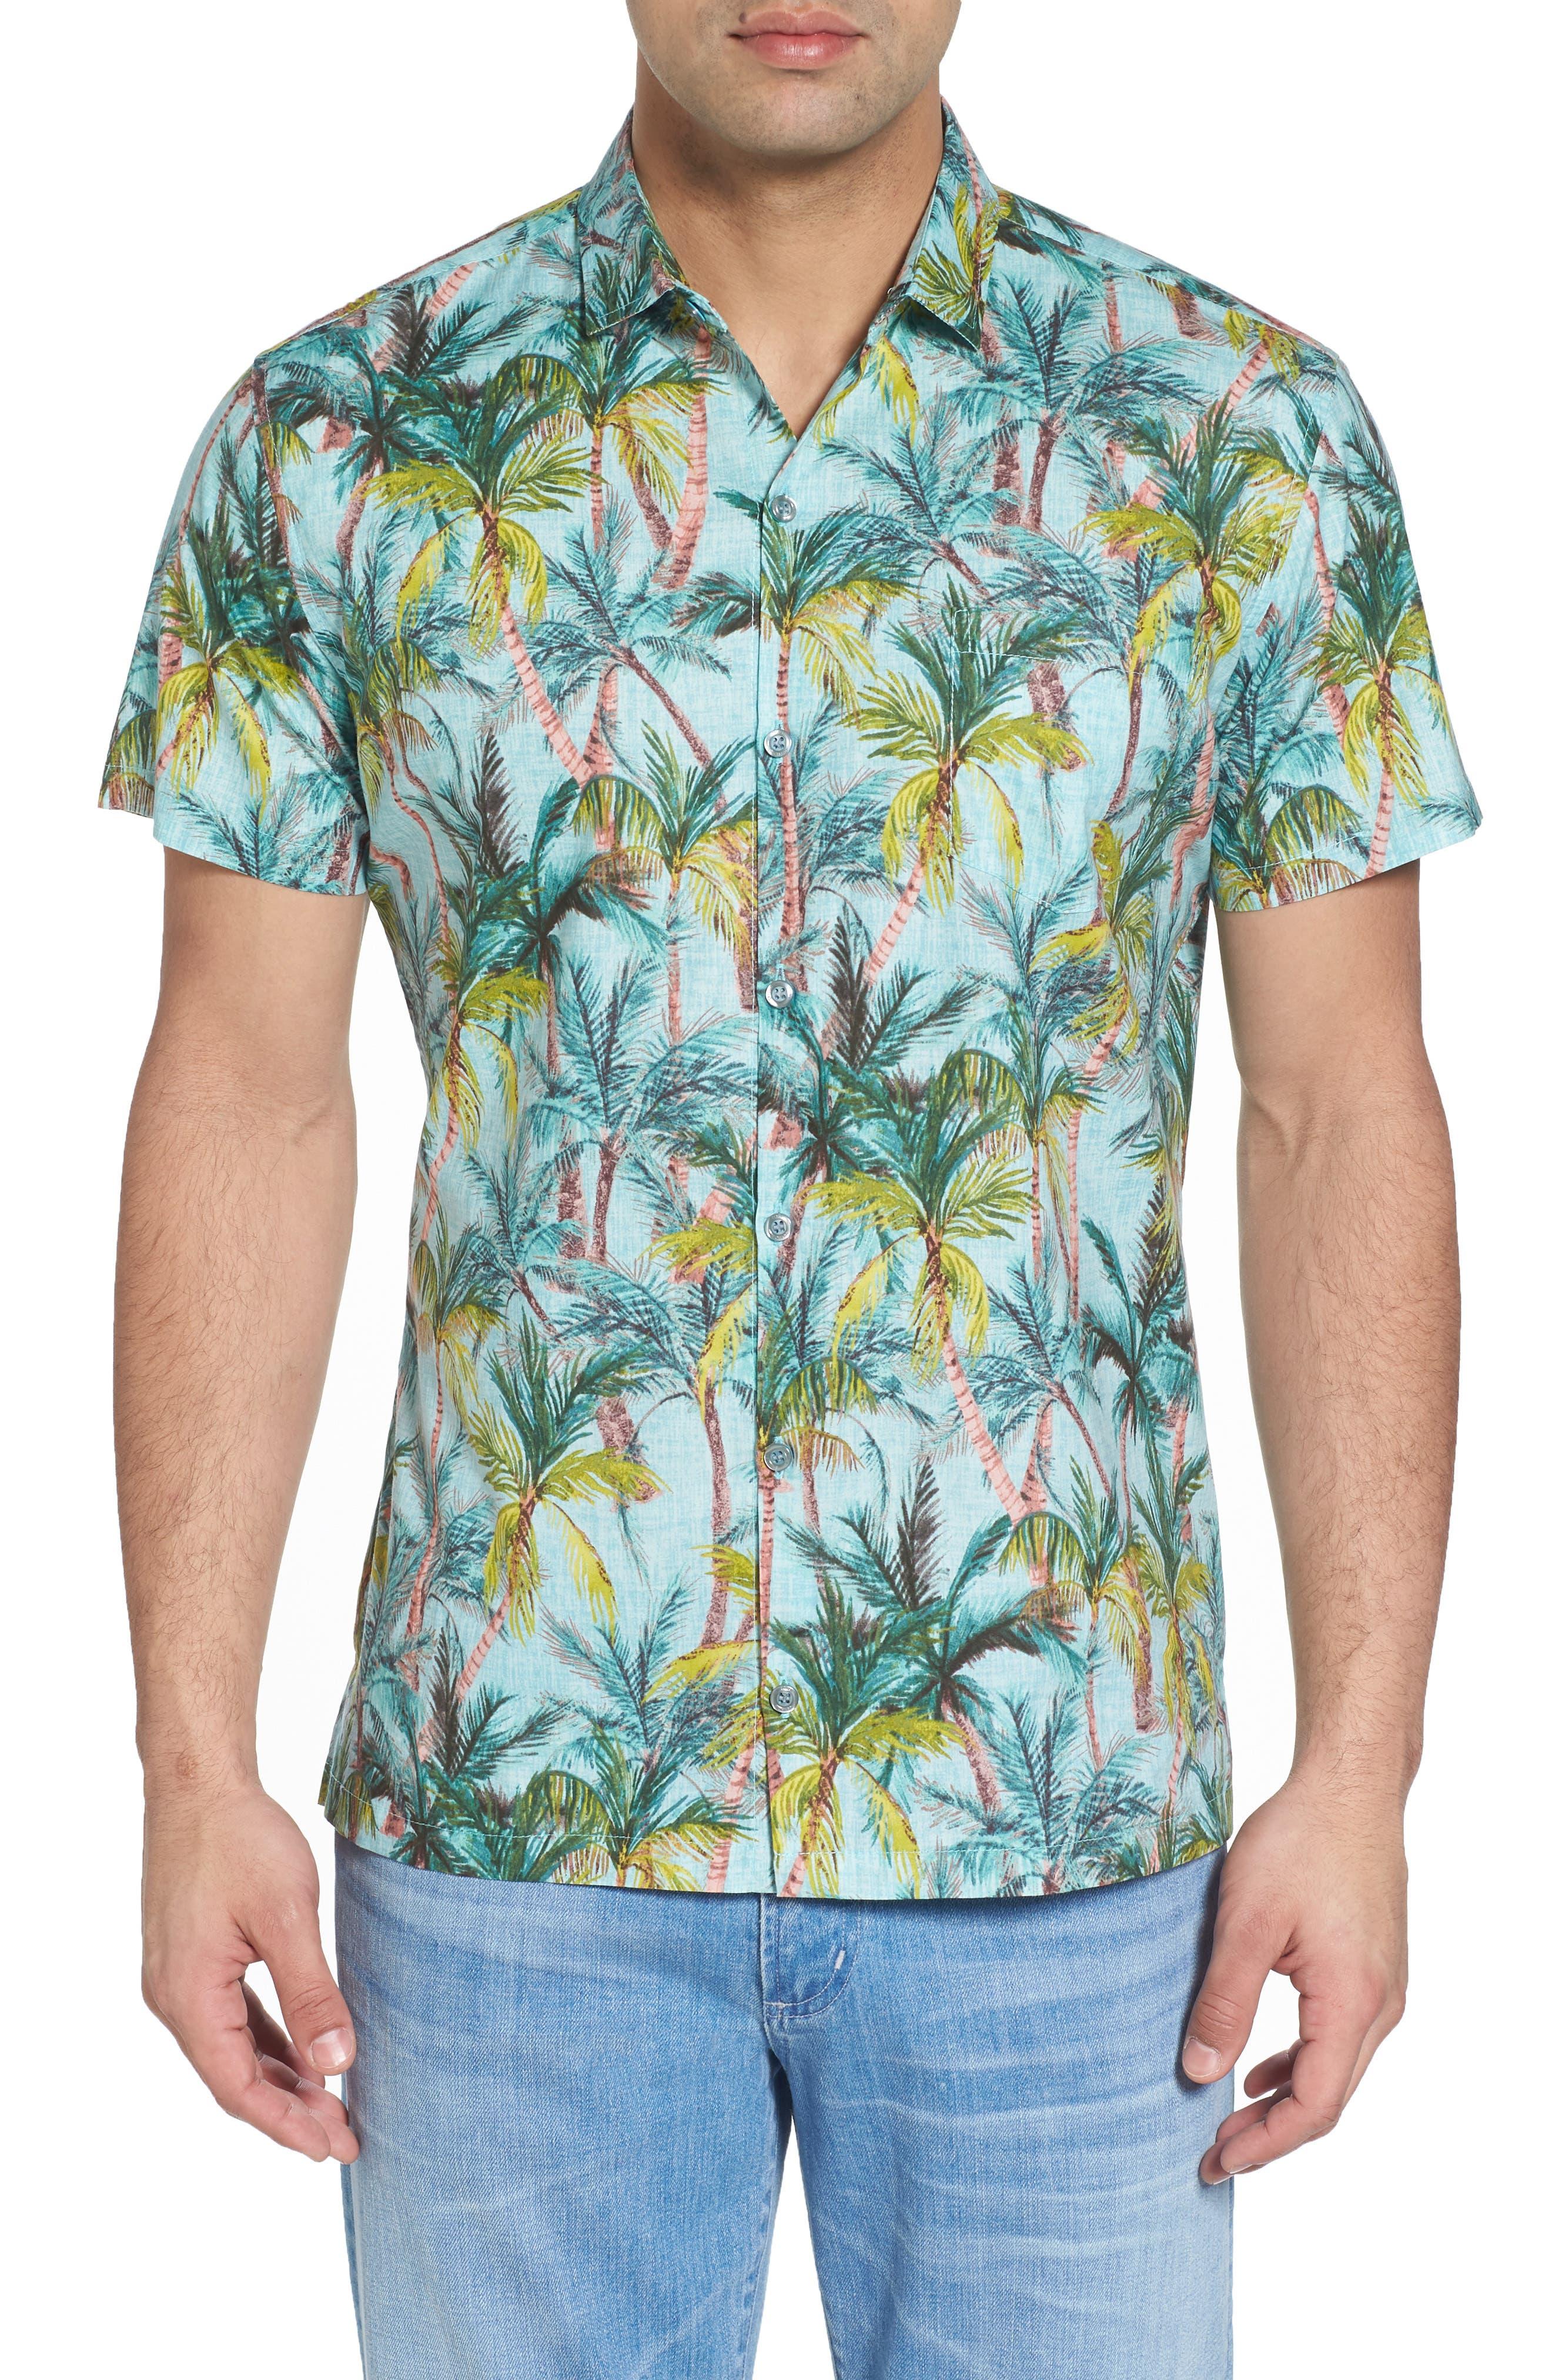 Coco Vida Trim Fit Print Cotton Lawn Sport Shirt,                             Main thumbnail 1, color,                             Surf